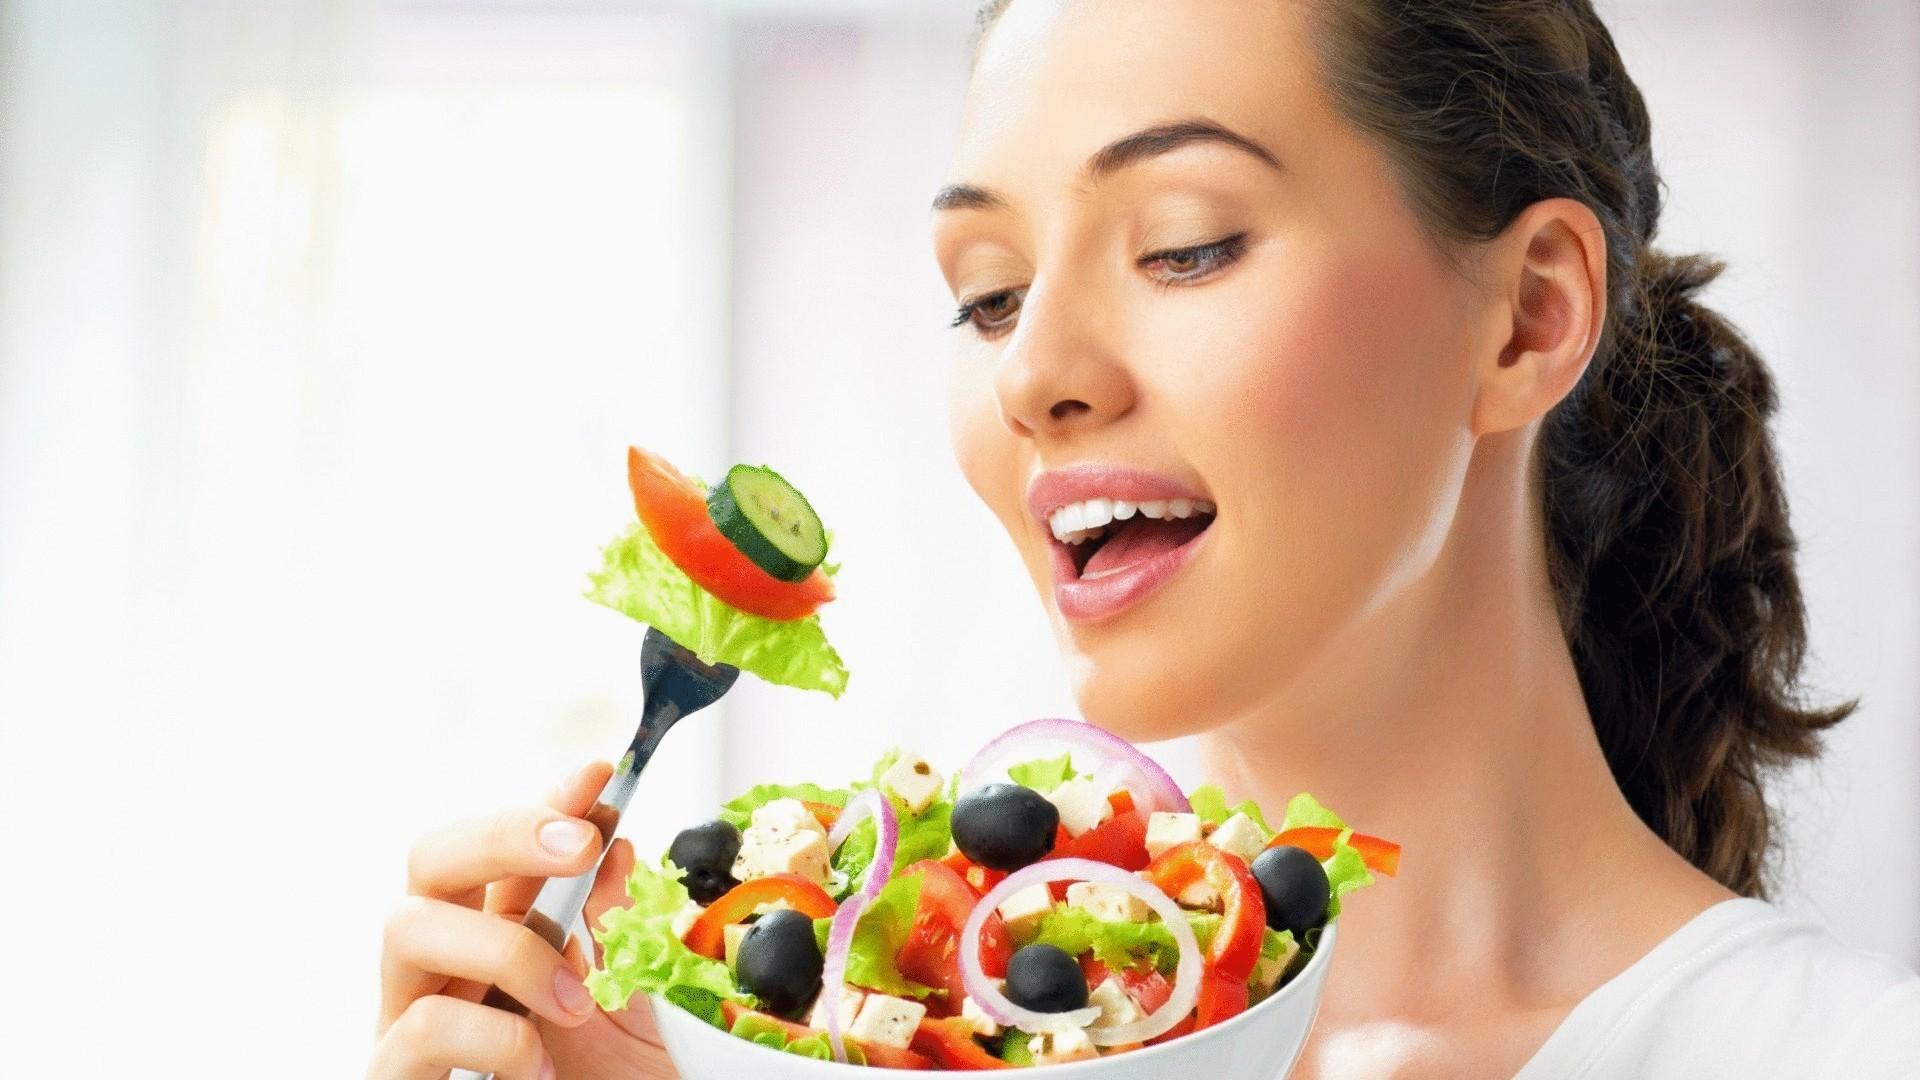 Пережевывание пищи способствует созданию иммунной системы ворту— Ученые